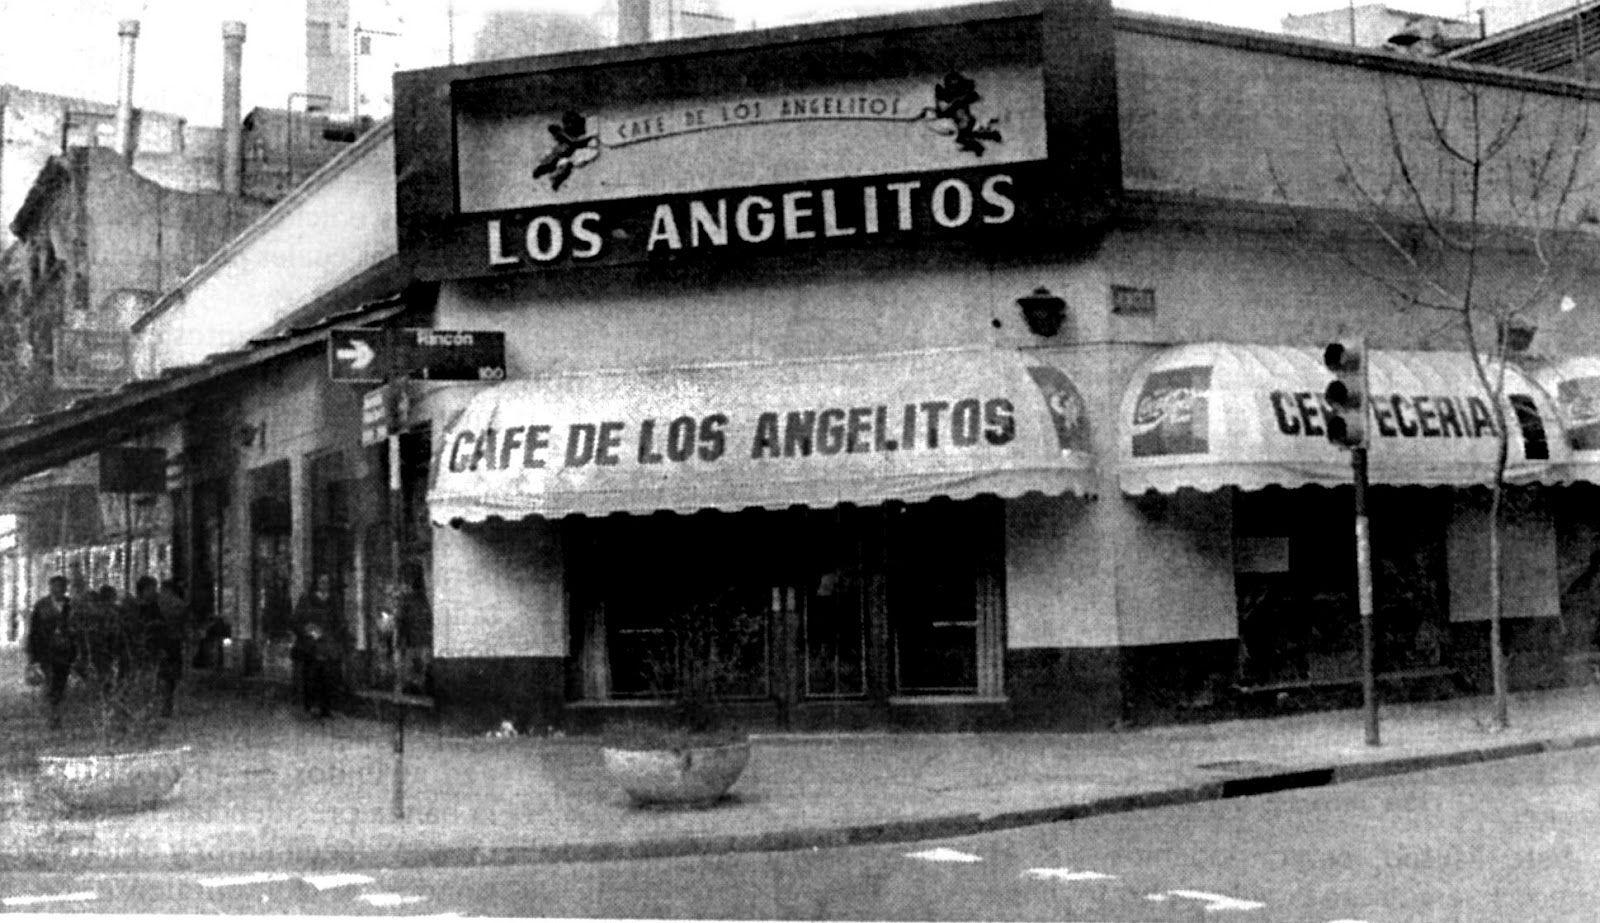 Resultado de imagen para cafe de los angelitos